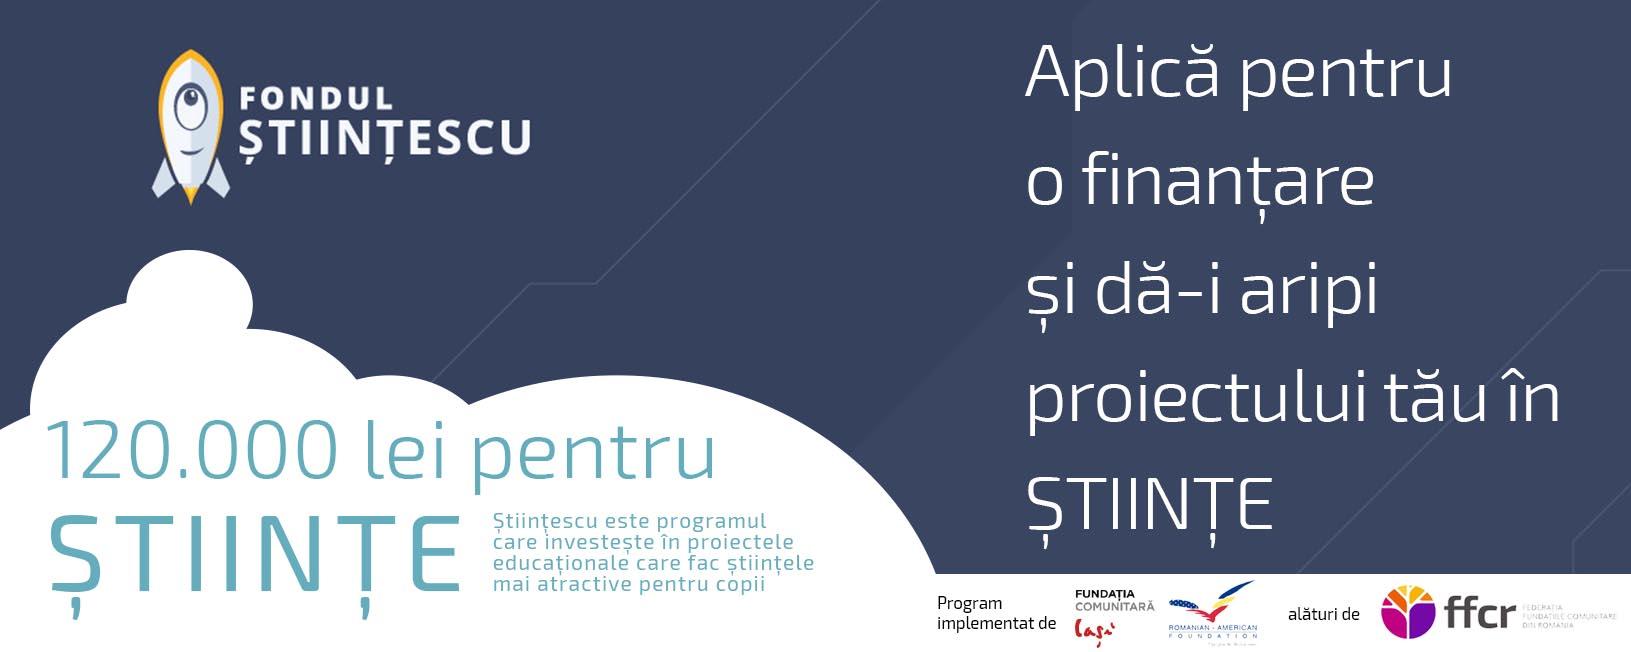 120.000 lei pentru științele exacte de la Fundația Comunitară Iași